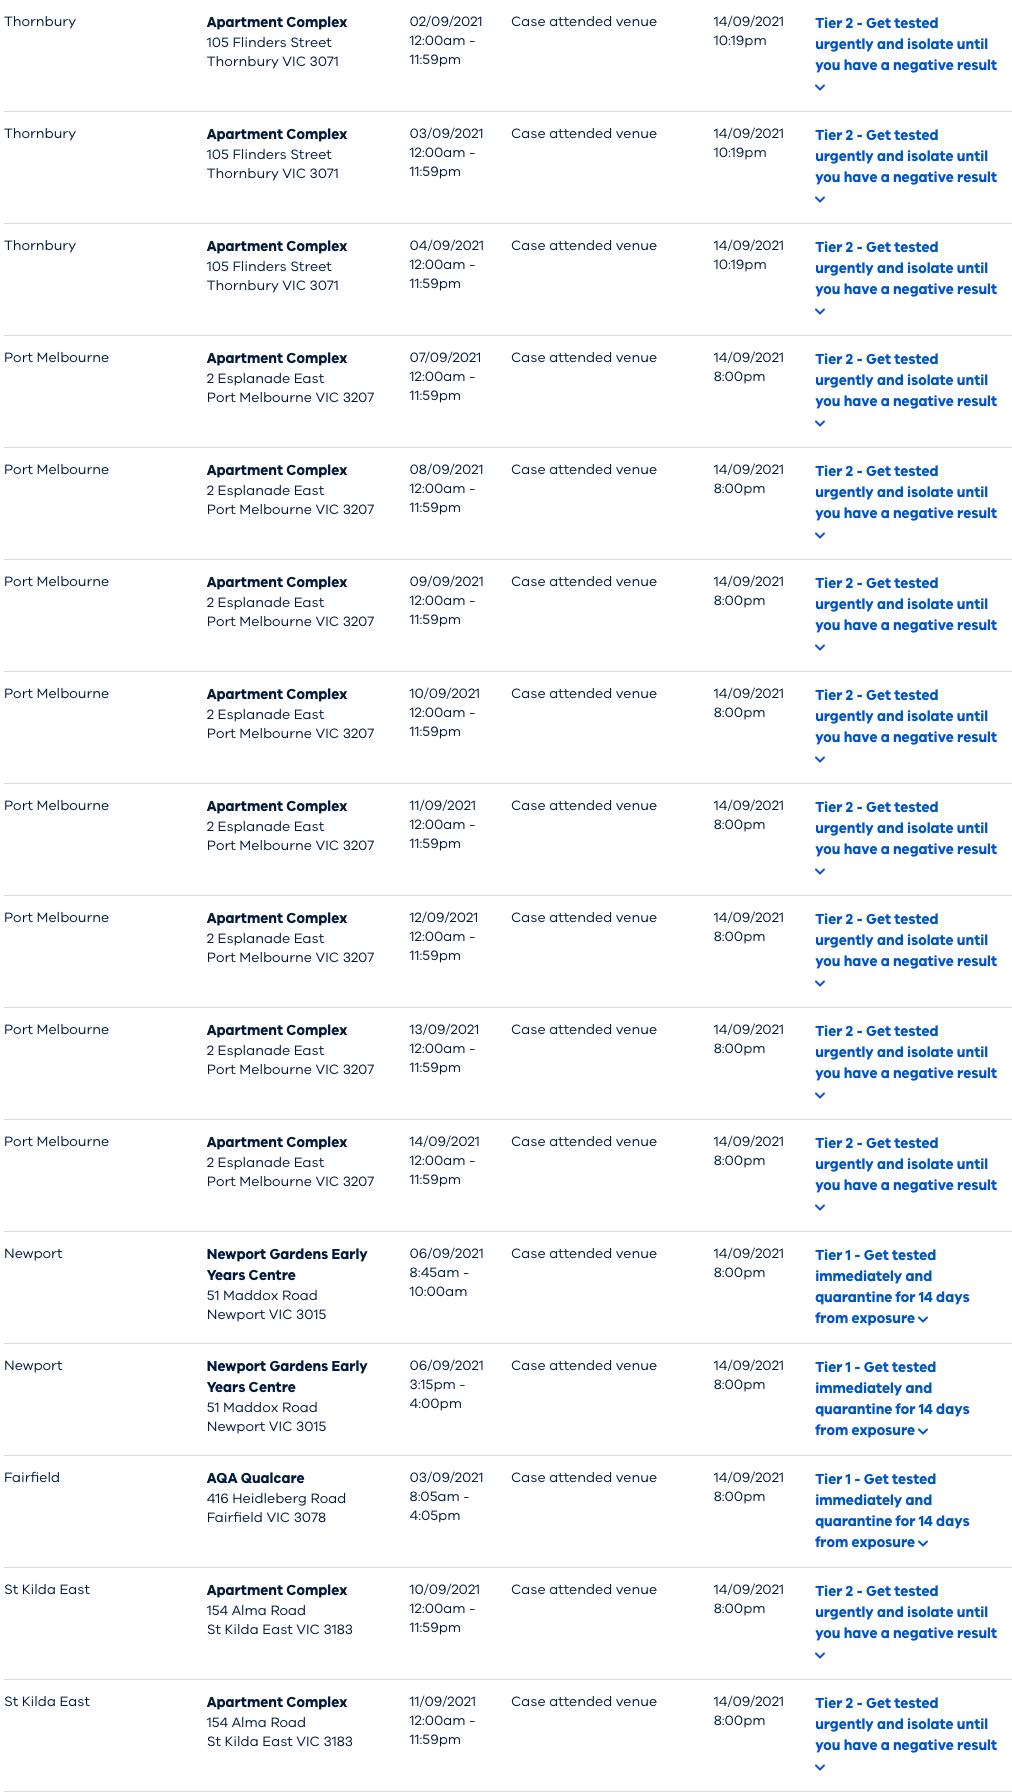 www.coronavirus.vic.gov.au_case-alerts-public-exposure-sites (20)的副本.png